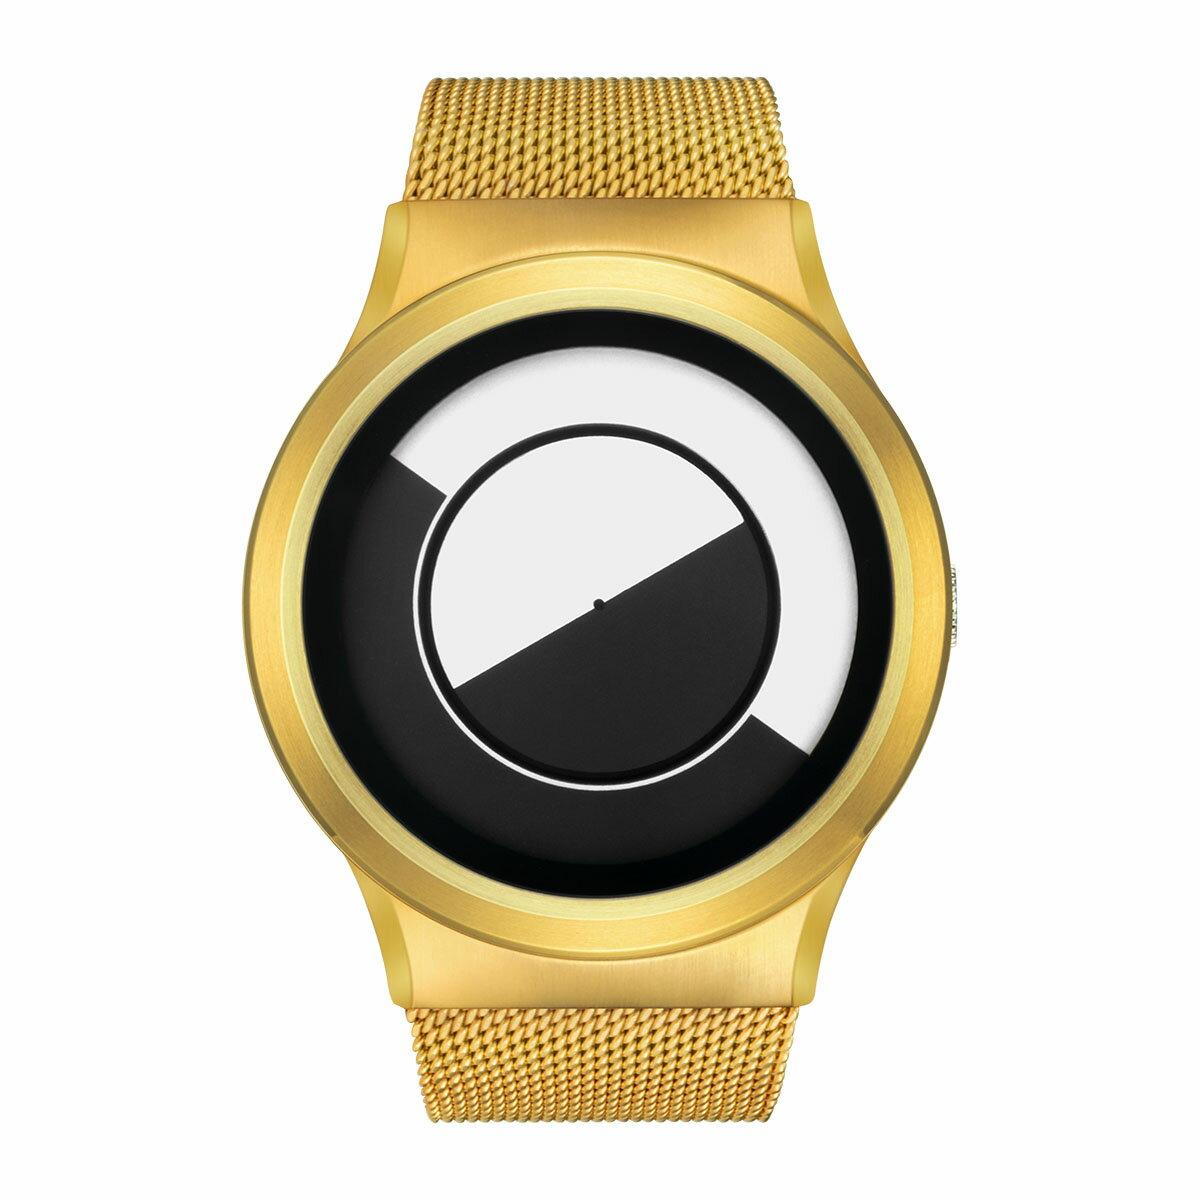 ZEROO QUARTER MOON ゼロ 電池式クォーツ 腕時計 [W08031B04SM04] ホワイト デザインウォッチ ペア用 メンズ レディース ユニセックス おしゃれ時計 デザイナーズ